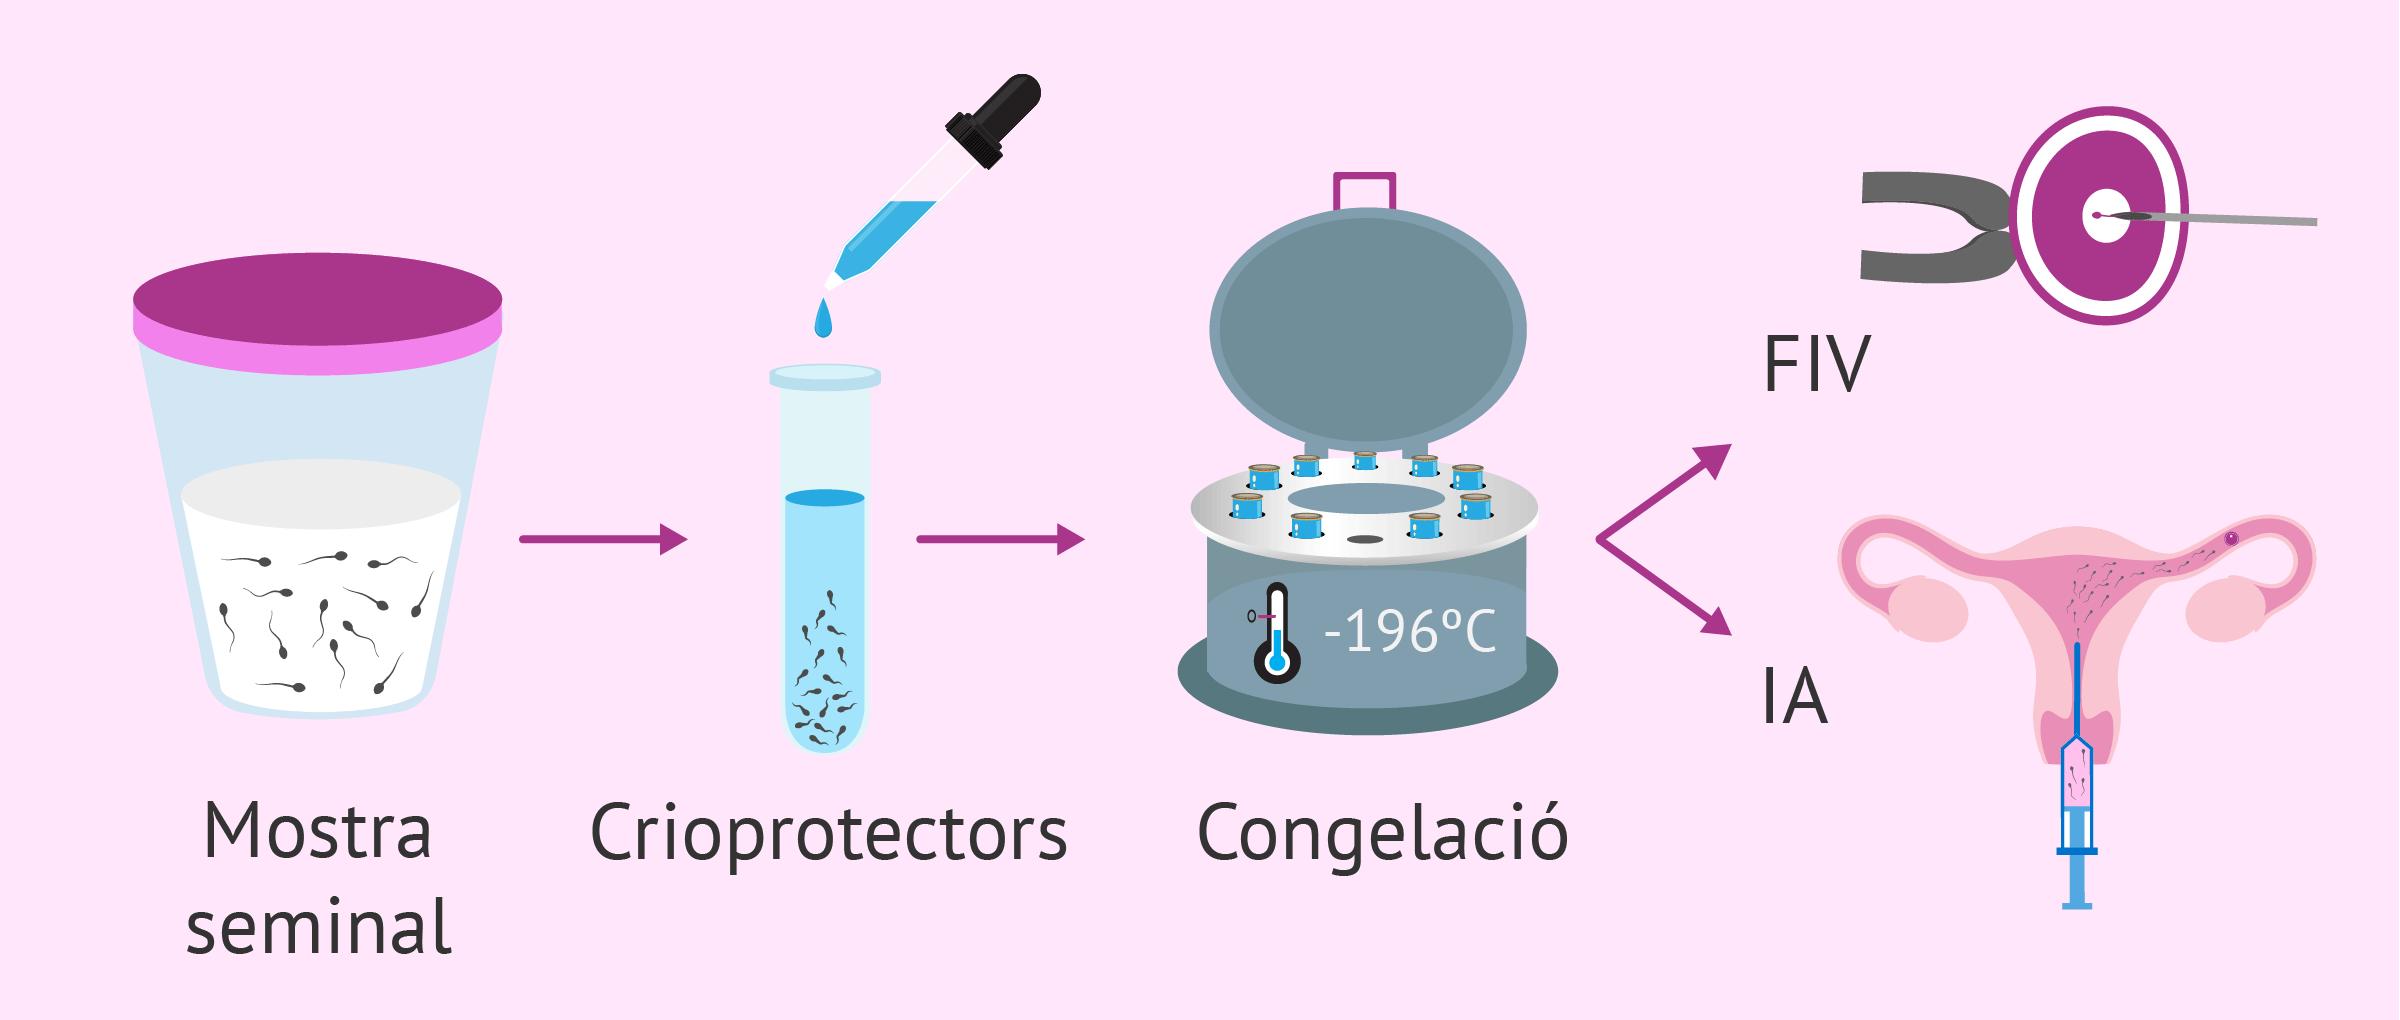 Congelació d'esperma: indicacions, procés i resultats